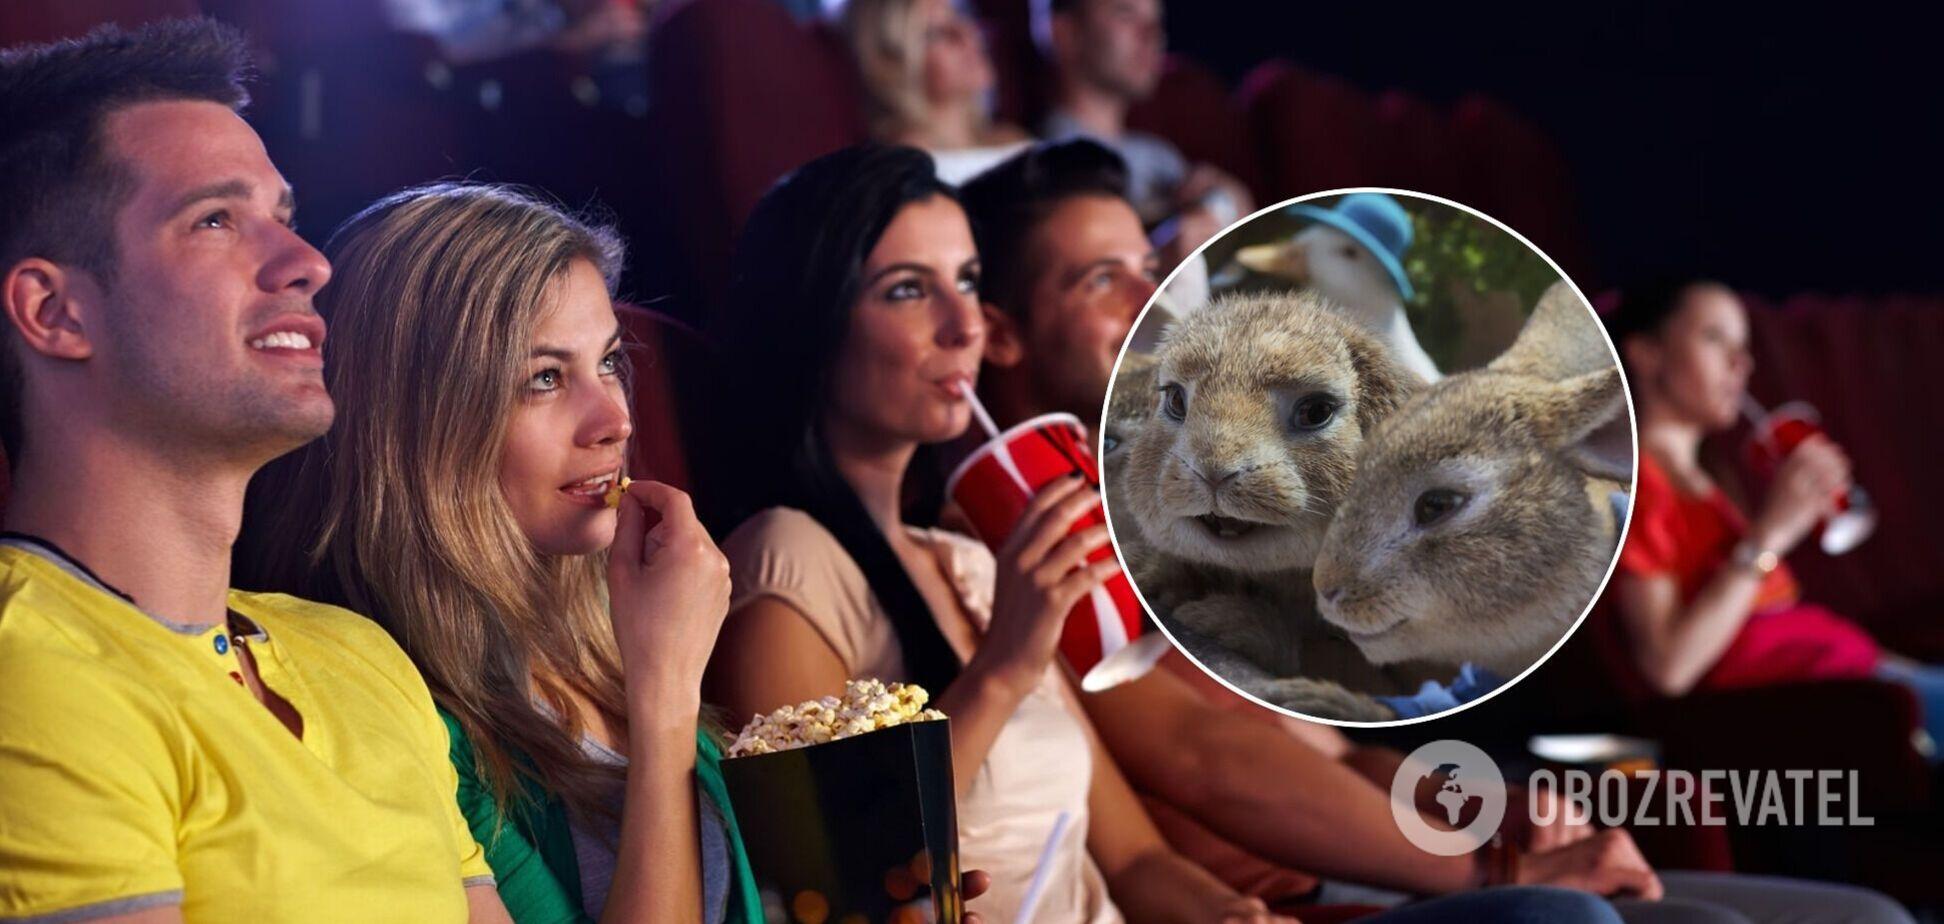 В Україні назвали дату прем'єри фільму про Кролика Петрика: герої раптово заспівали українською